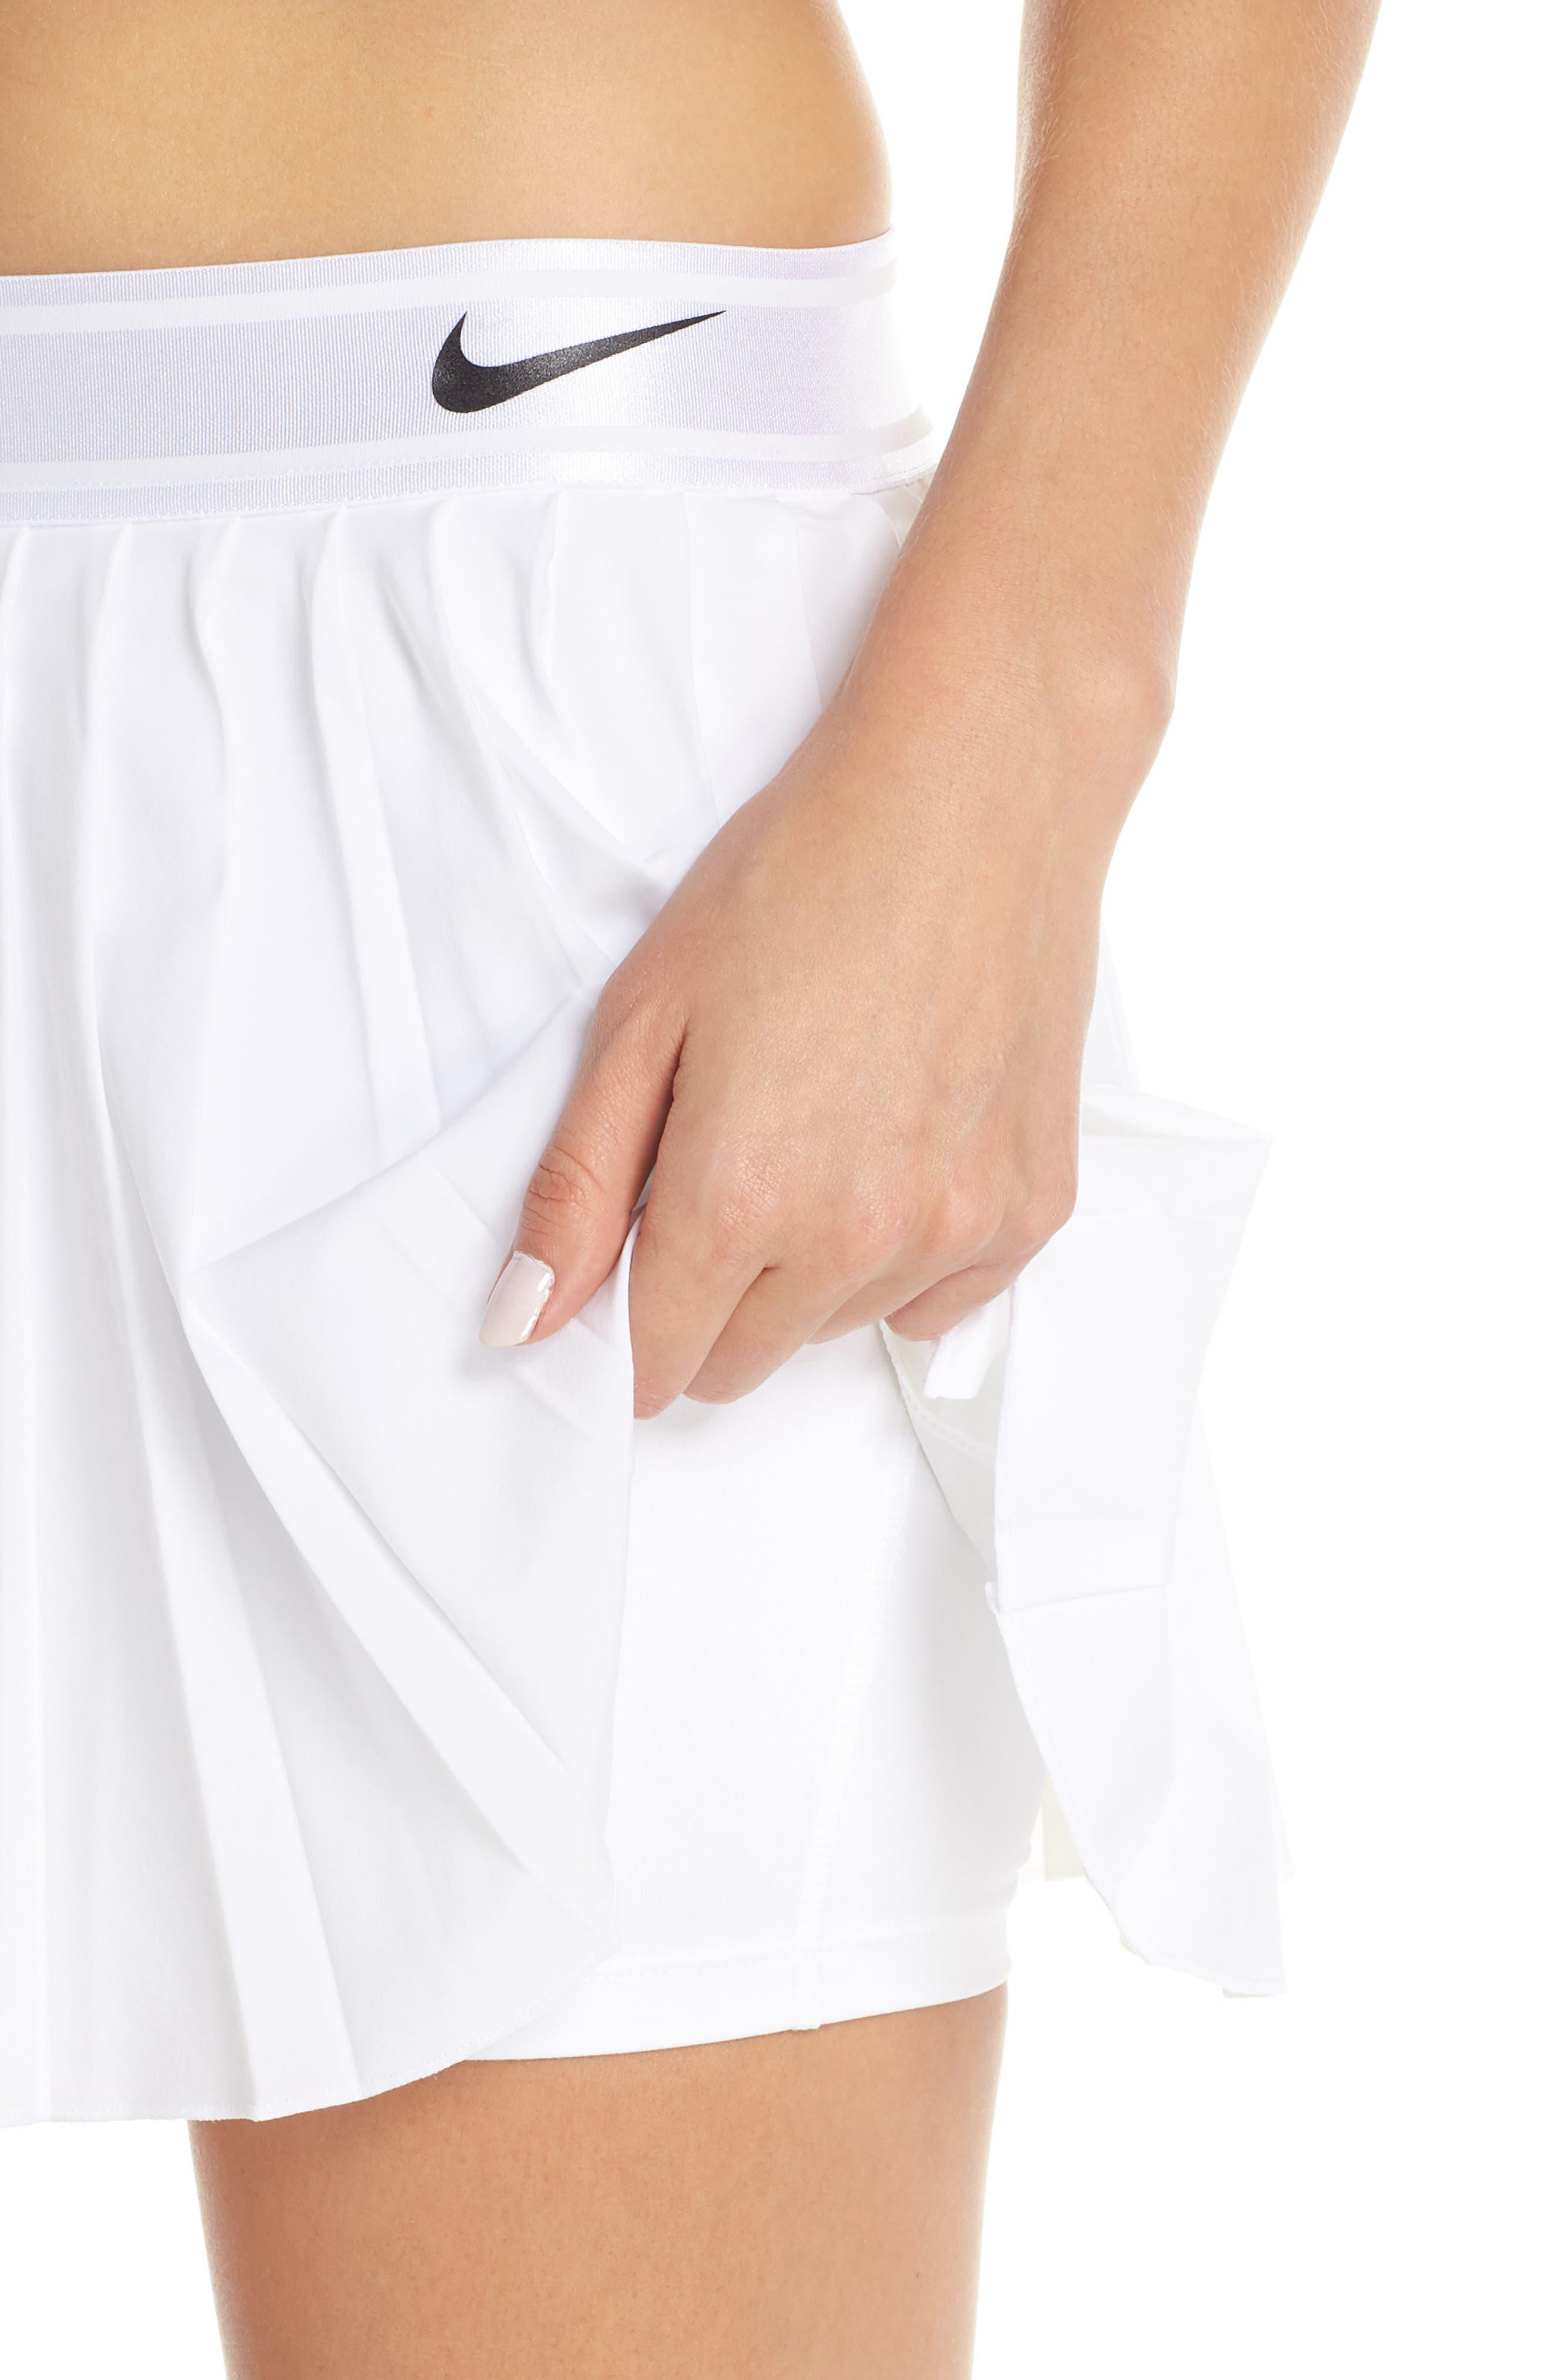 Court Victory Tennis Skirt,                             Alternate thumbnail 4, color,                             WHITE/ BLACK